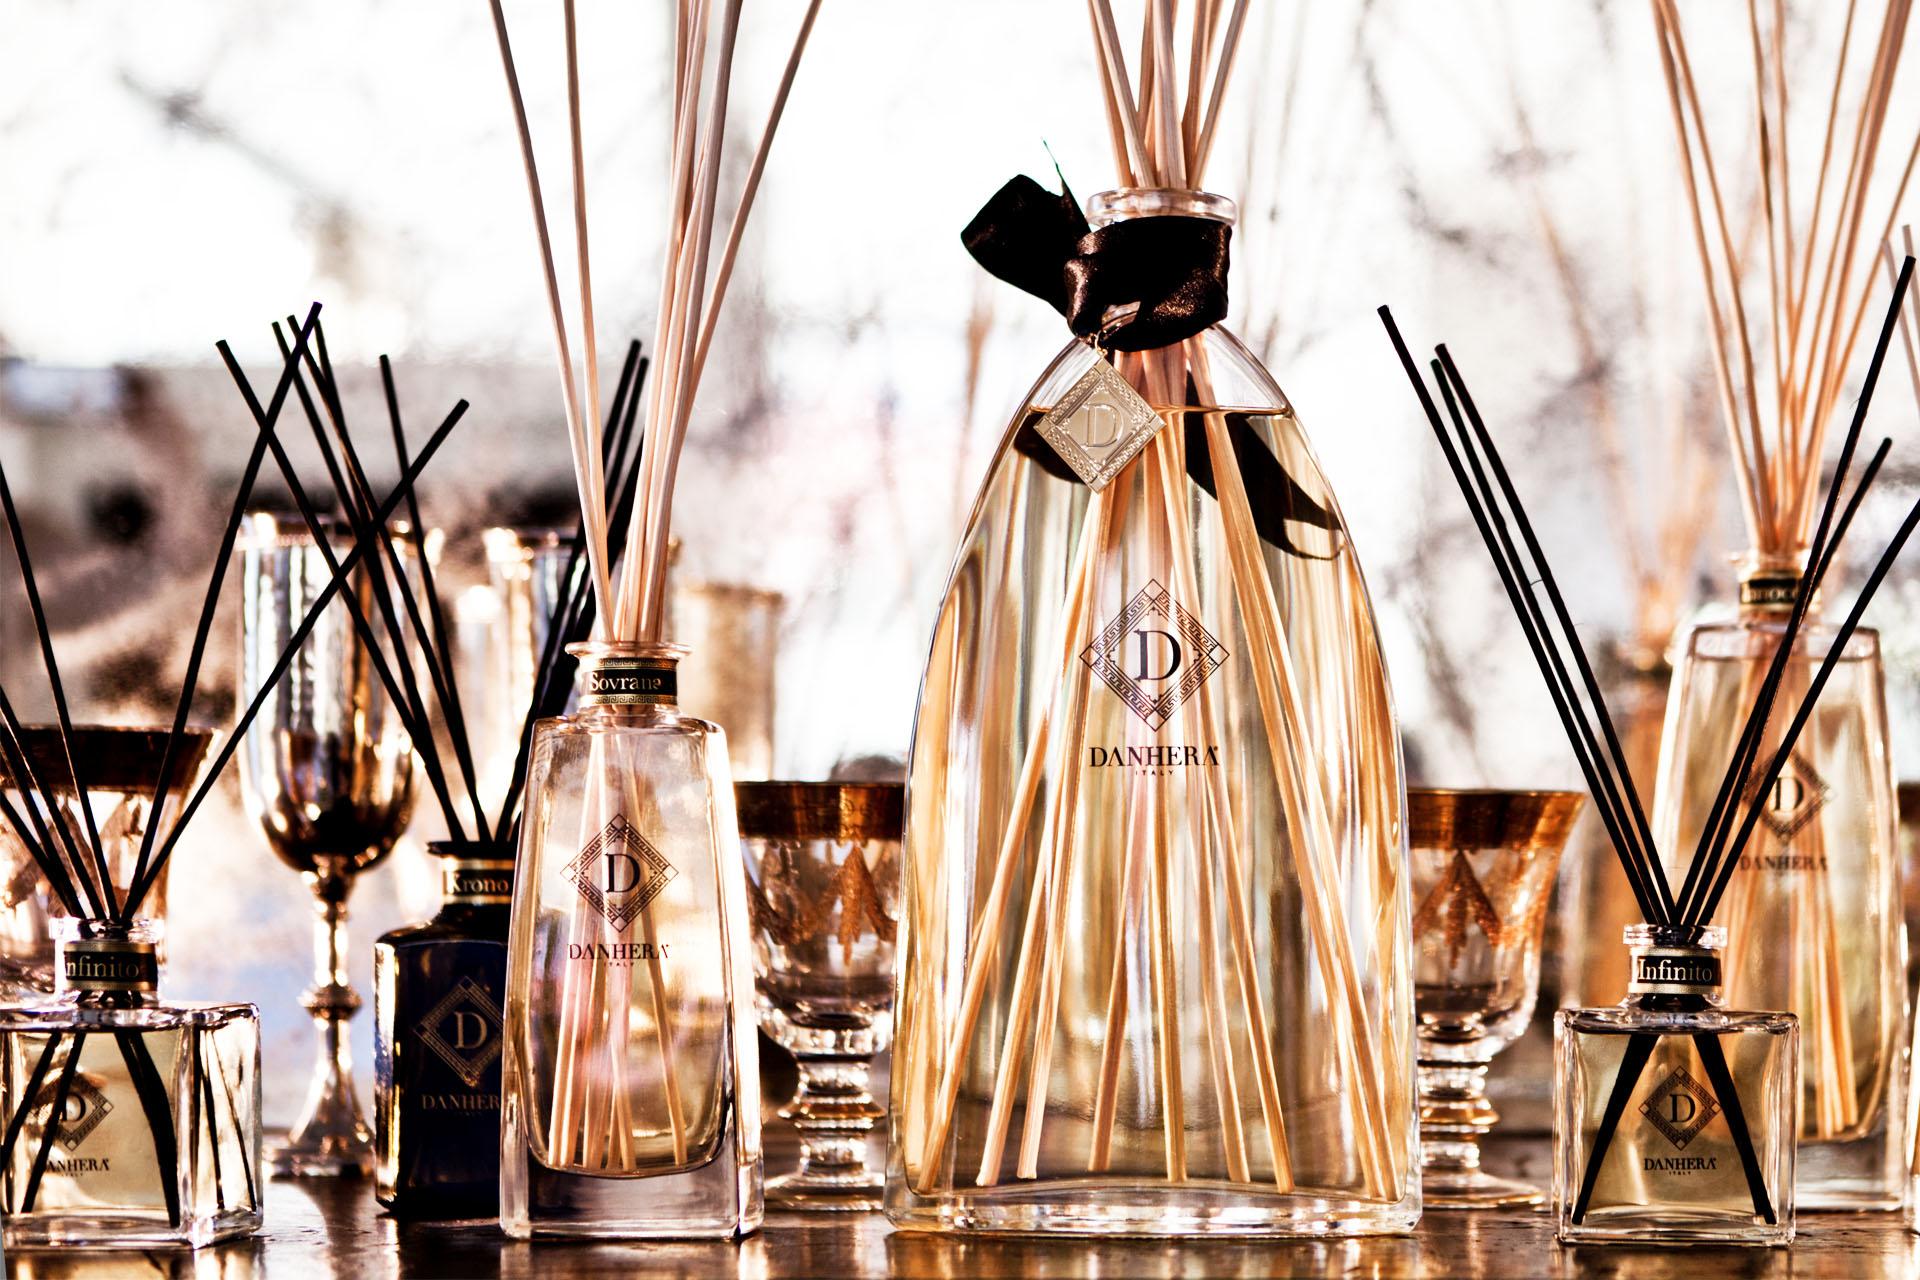 Atmosfera - Les parfums d'Atmosfera ont été crées pour habiller les grands évènements artistiques : la musique, la littérature y sont racontés comme jamais auparavant.